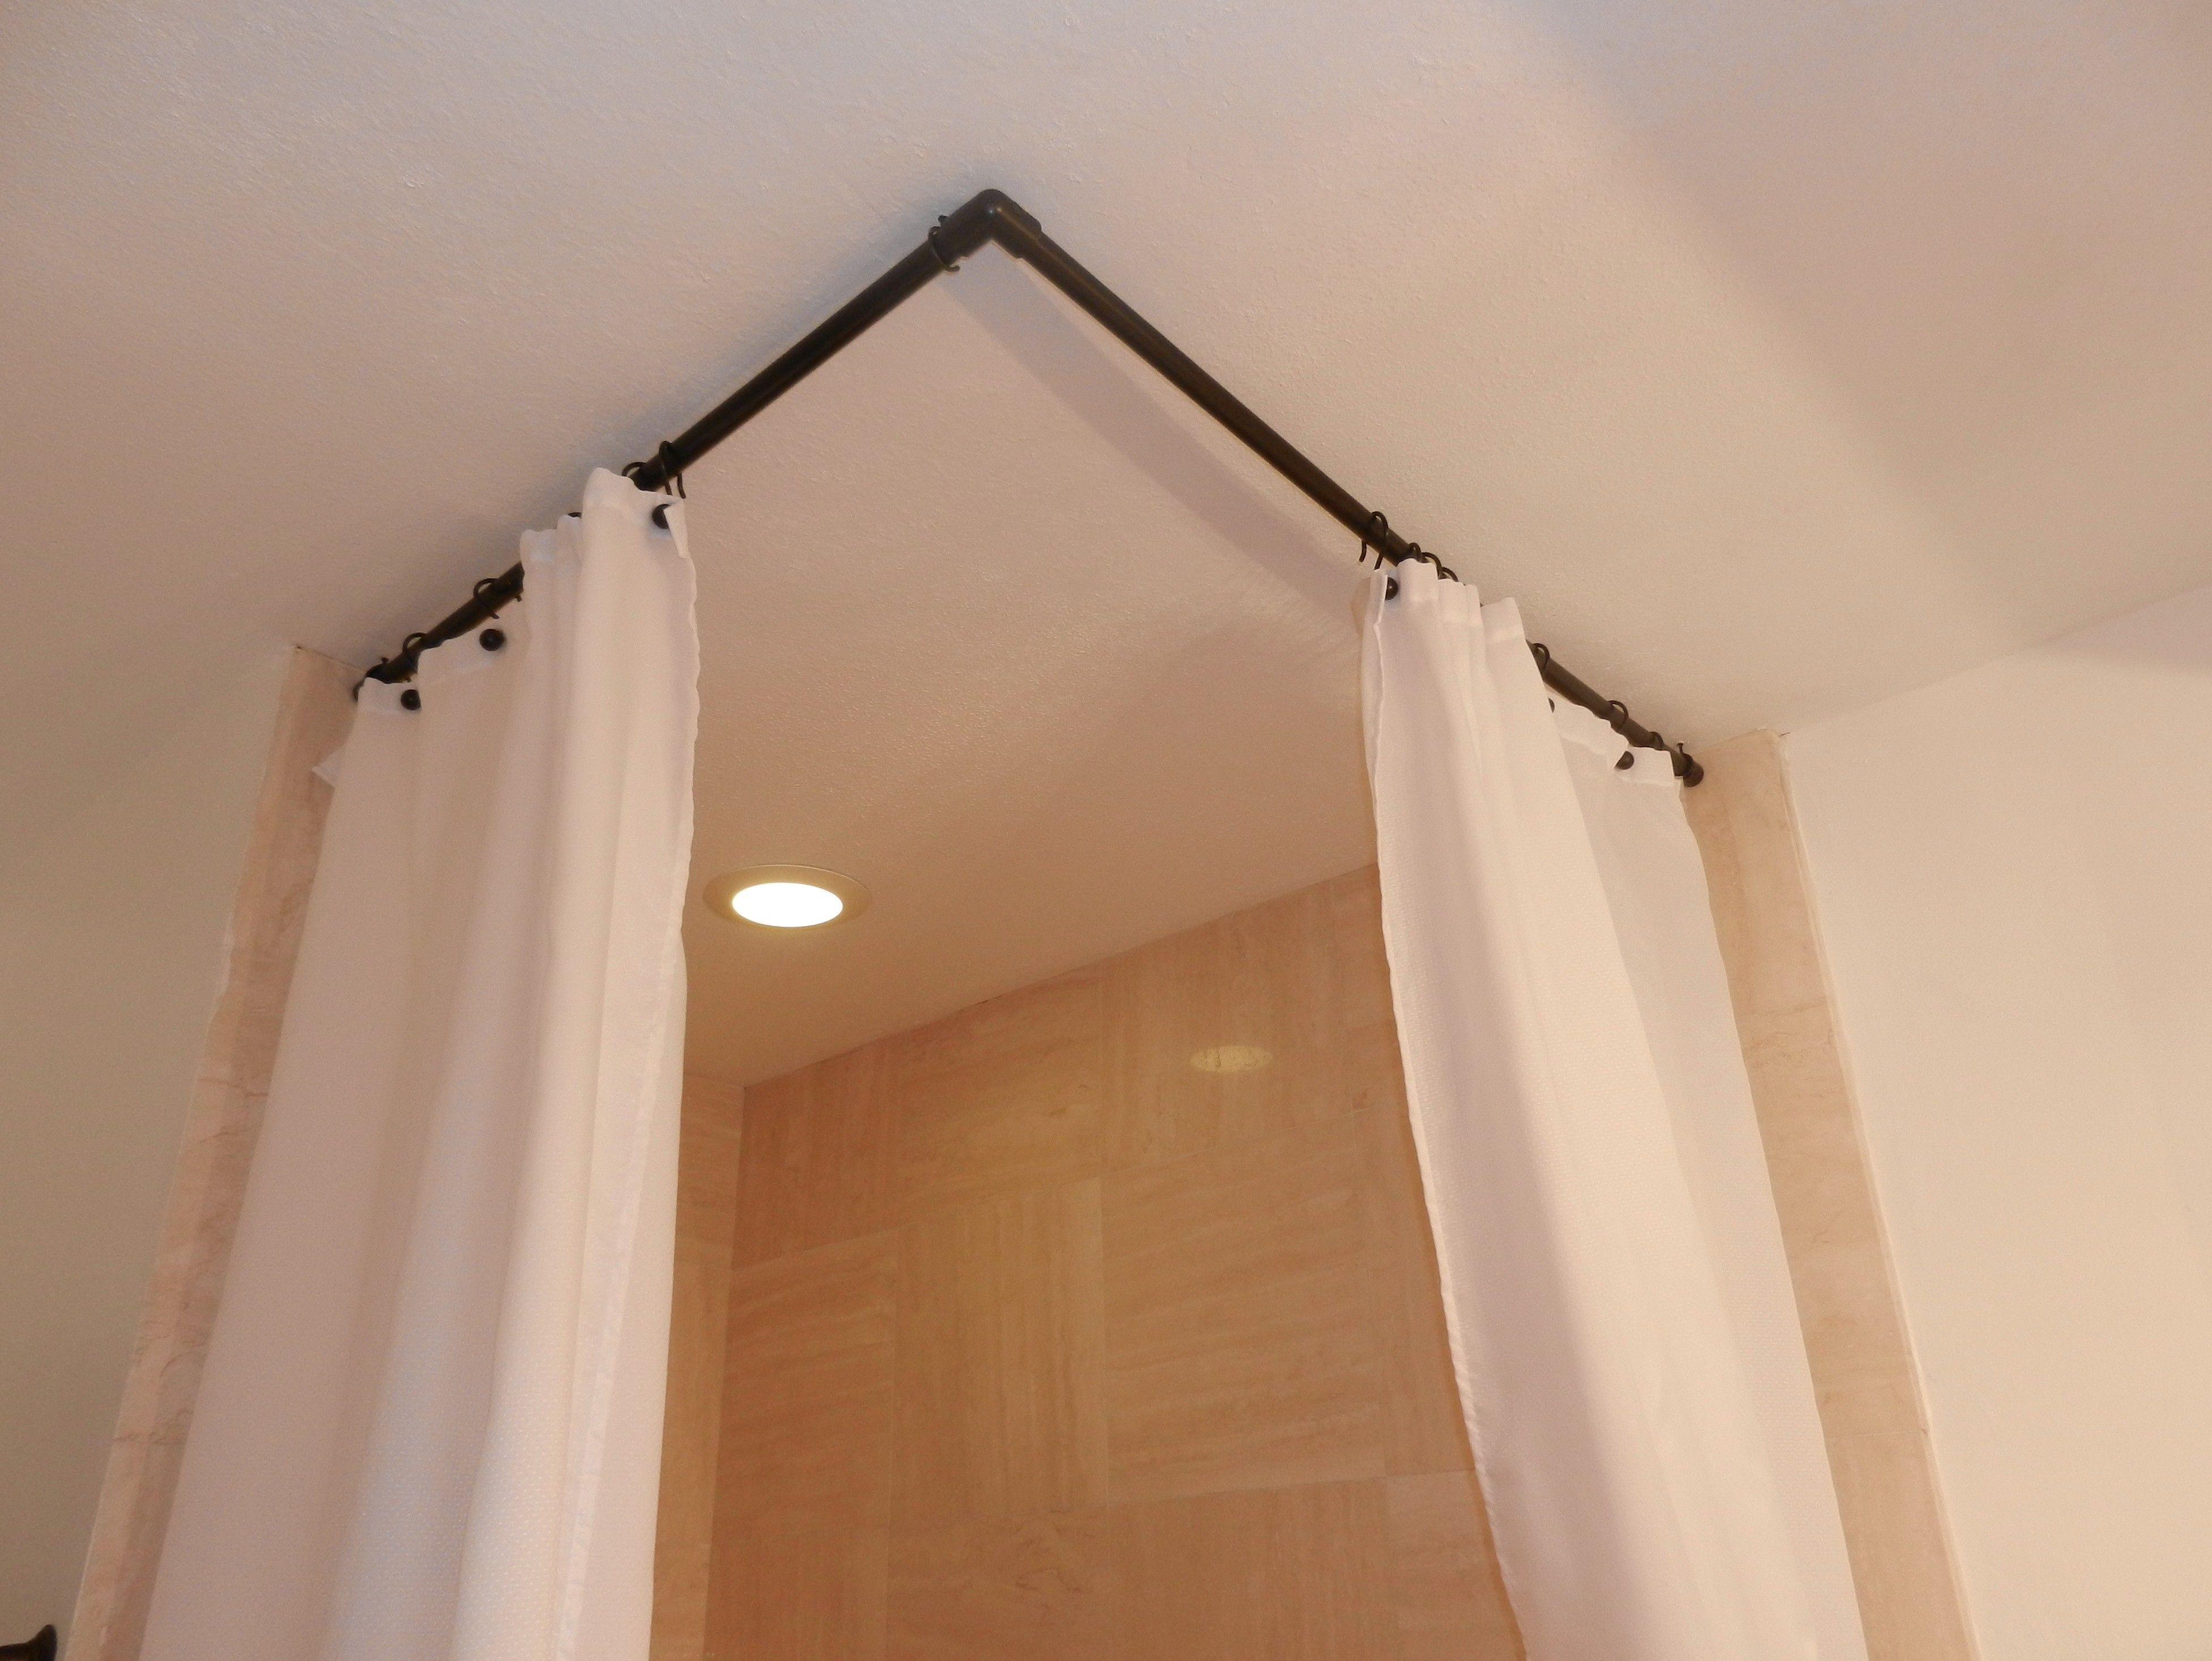 Elegant Curved Shower Stall Rod Check More At Https Homefurnitureone Com Cu Corner Shower Curtain Rod Round Shower Curtain Rod Shower Curtain Track